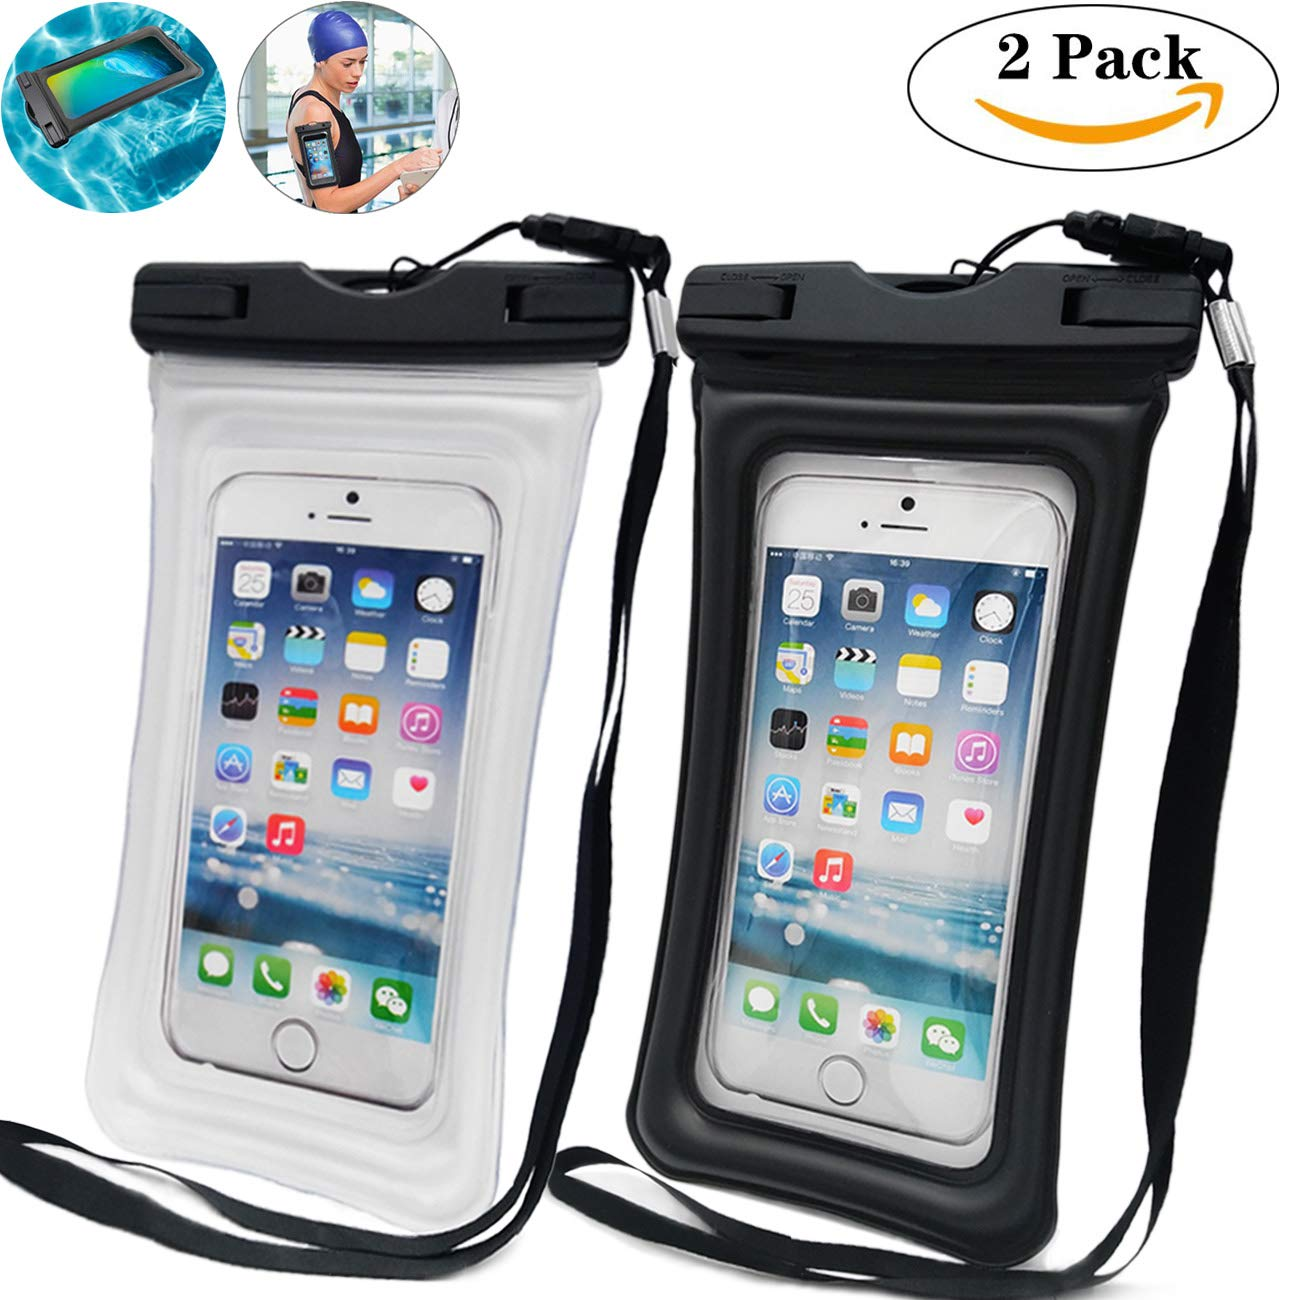 フローティングエアバッグインフレータブル防水携帯防水バッグ新しいタッチスクリーン防水透明防水携帯電話バッグ携帯電話防水カバー